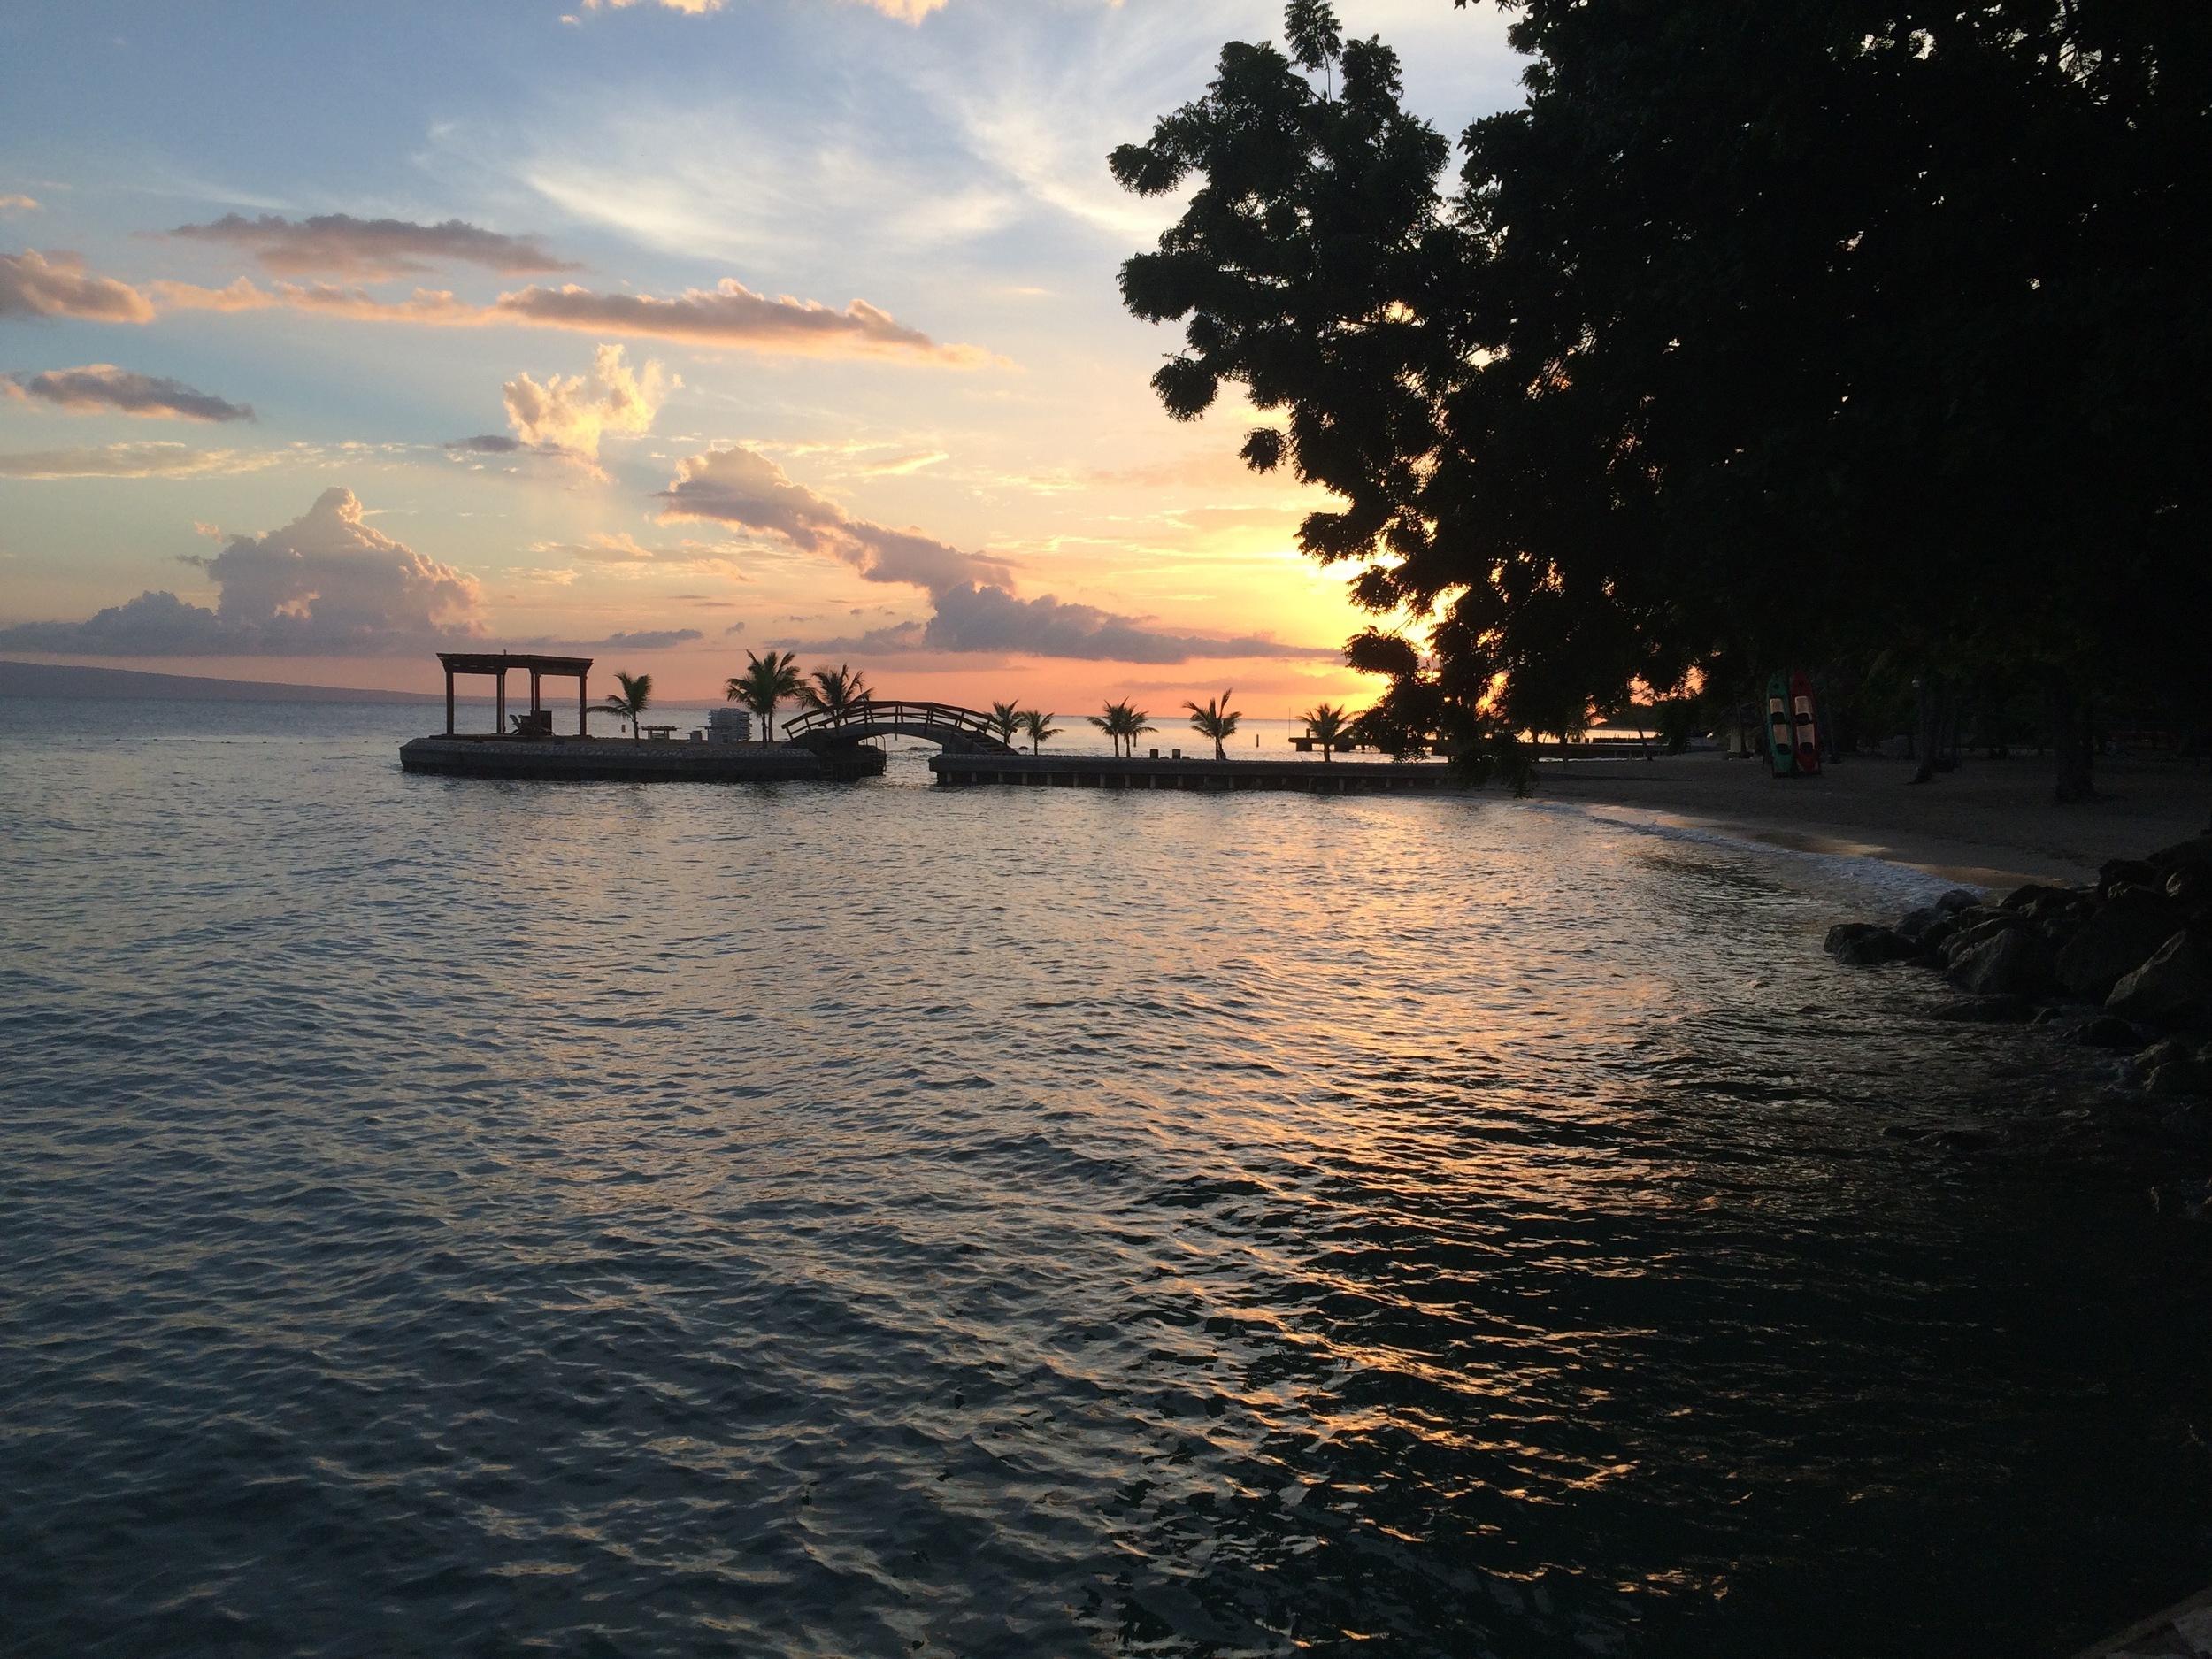 Moulin sur Mer Resort